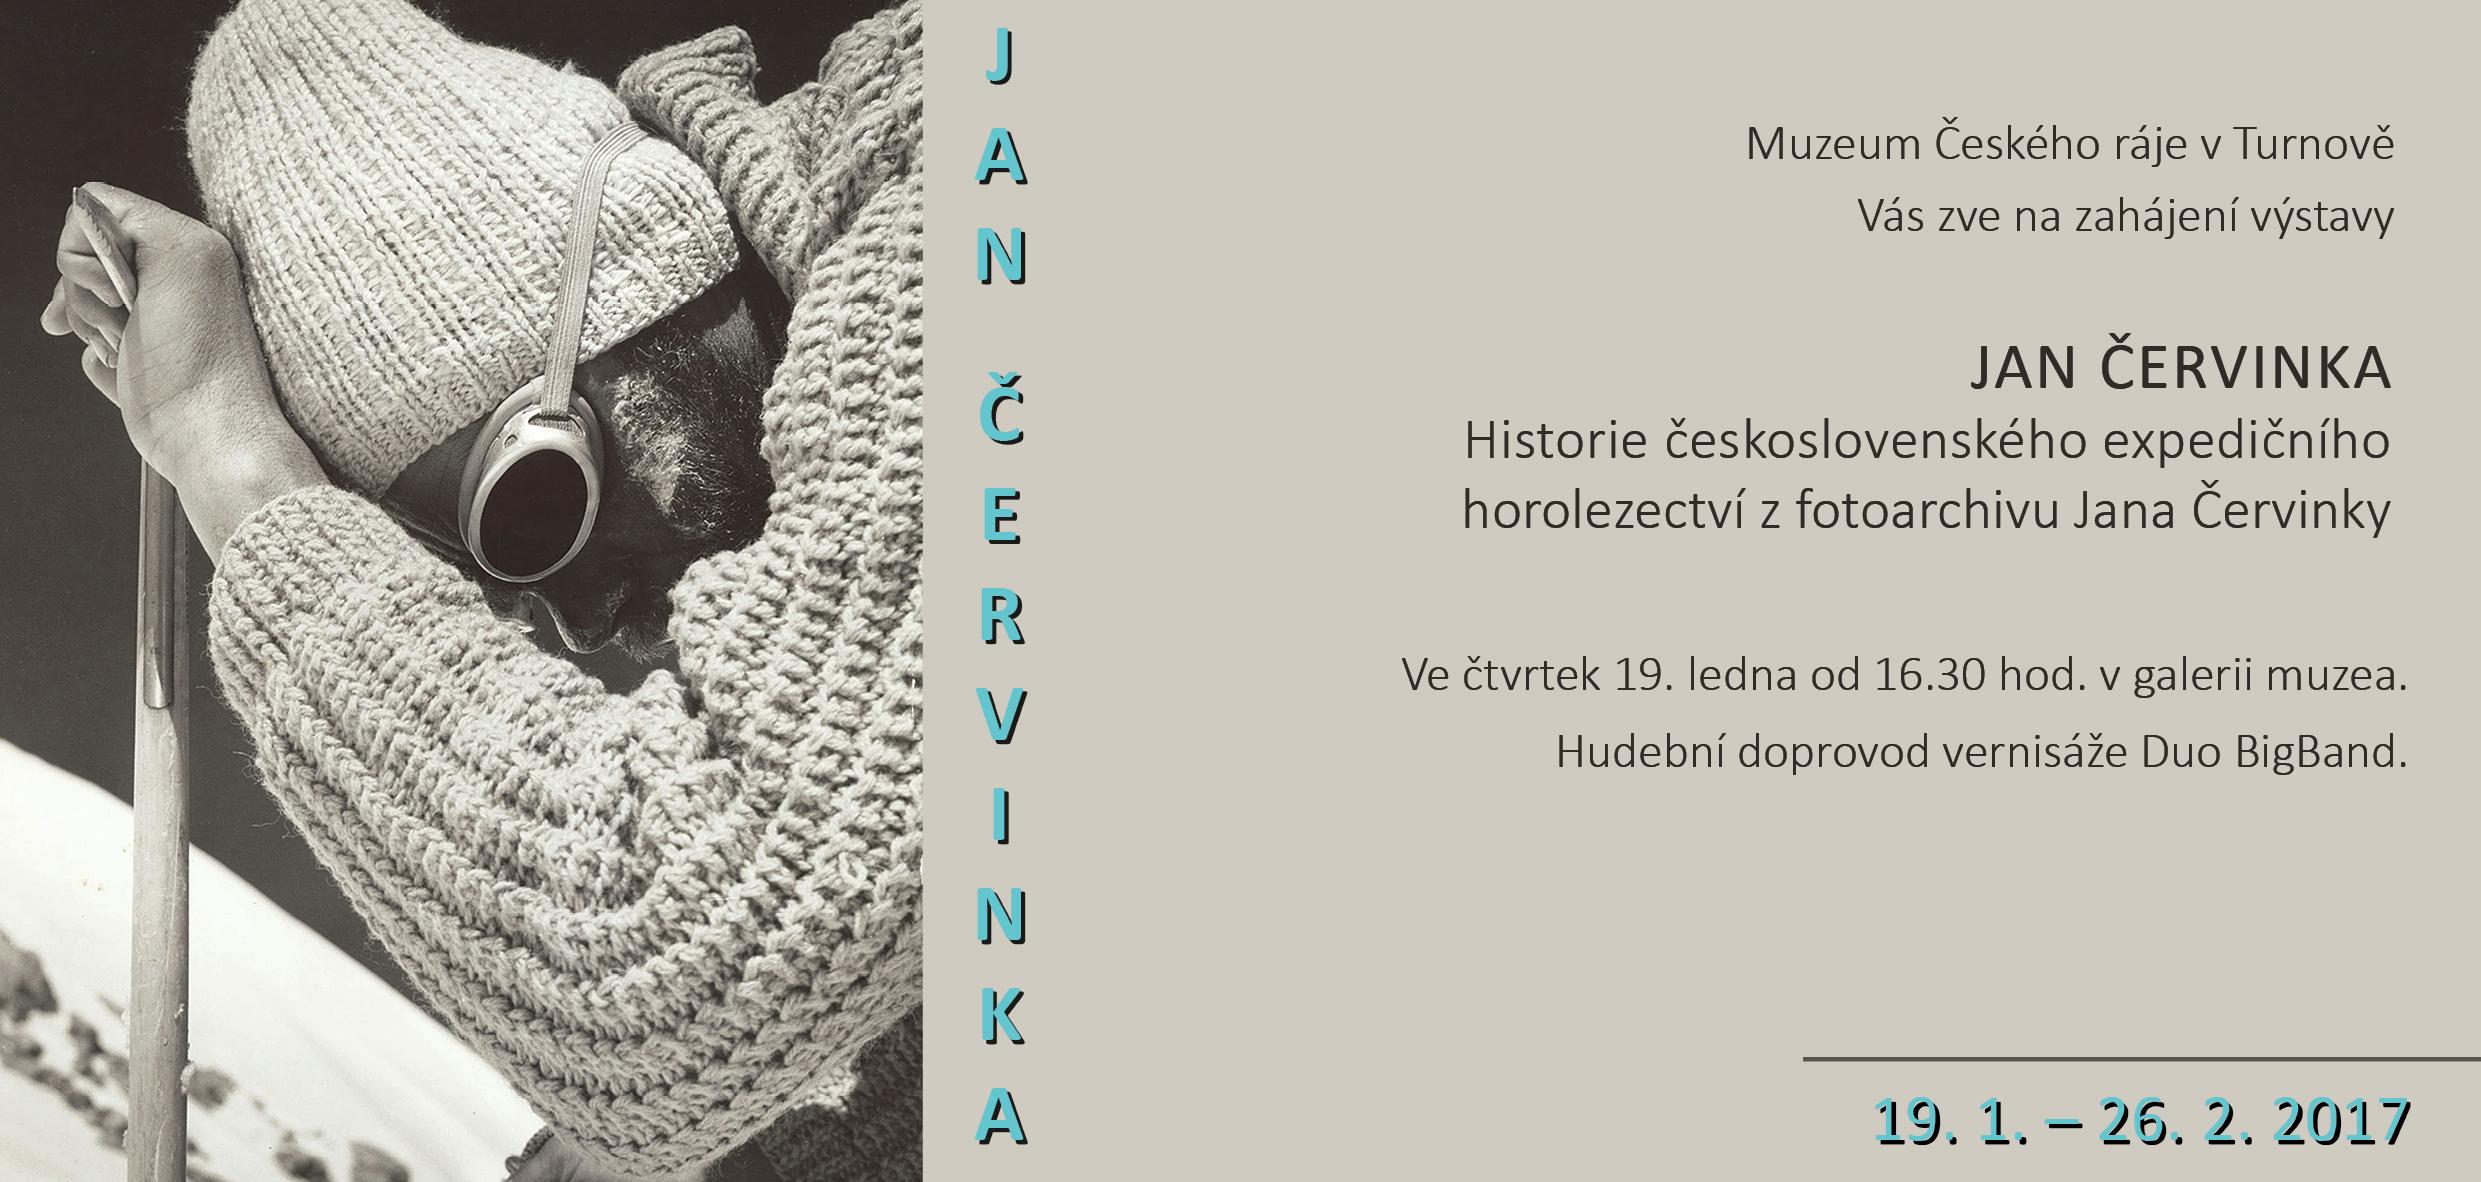 Pozvánka na výstavu Jana Červinky